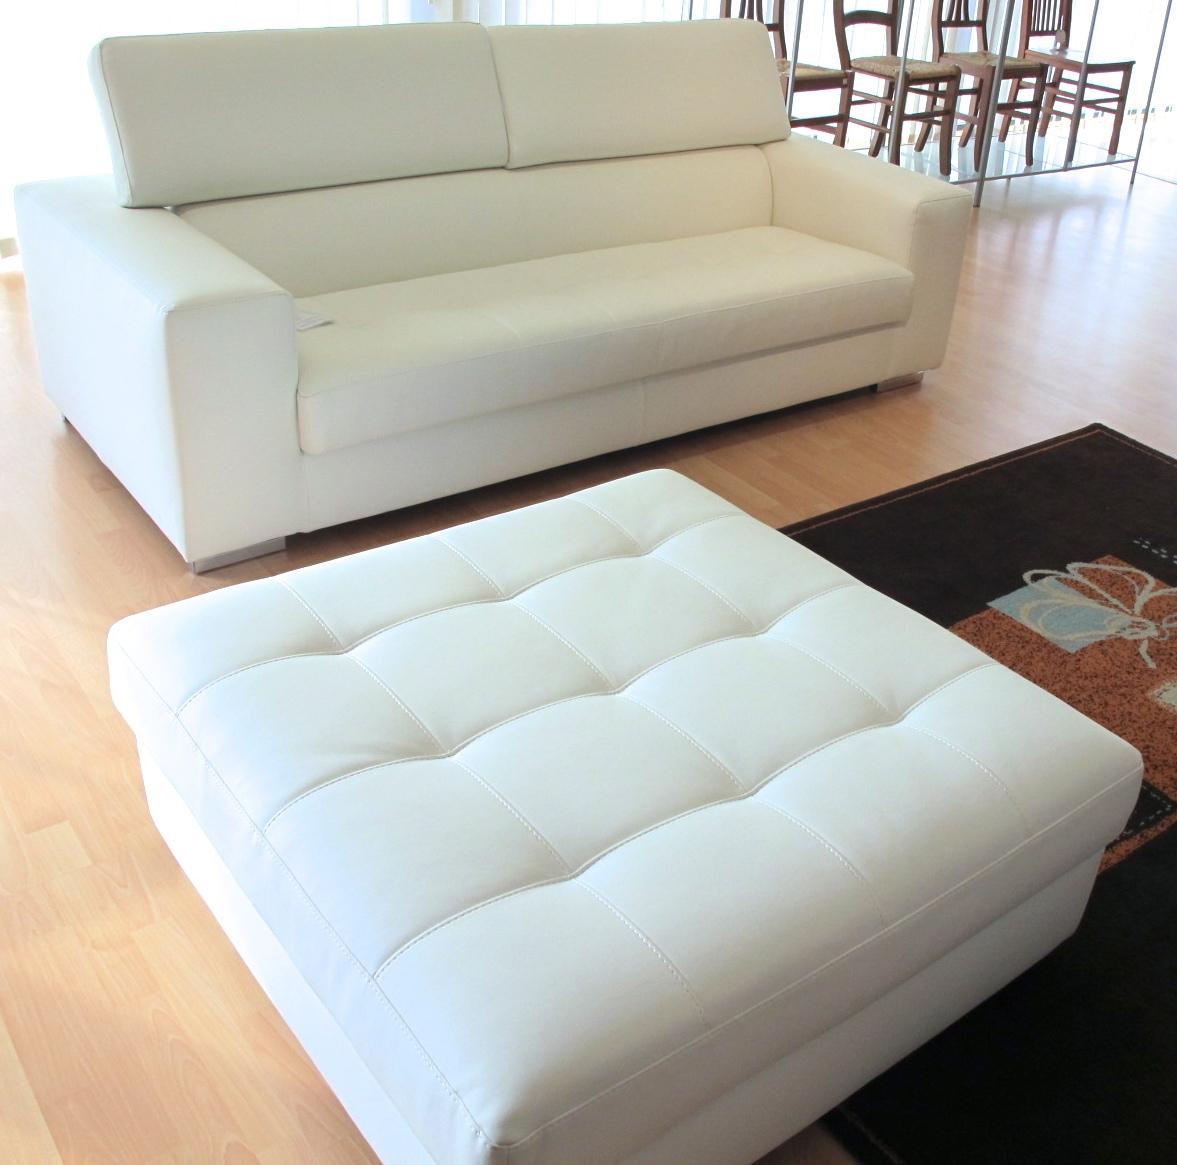 Divano tre posti con pouf grande in ecopelle bianco - Pouf per divano ...